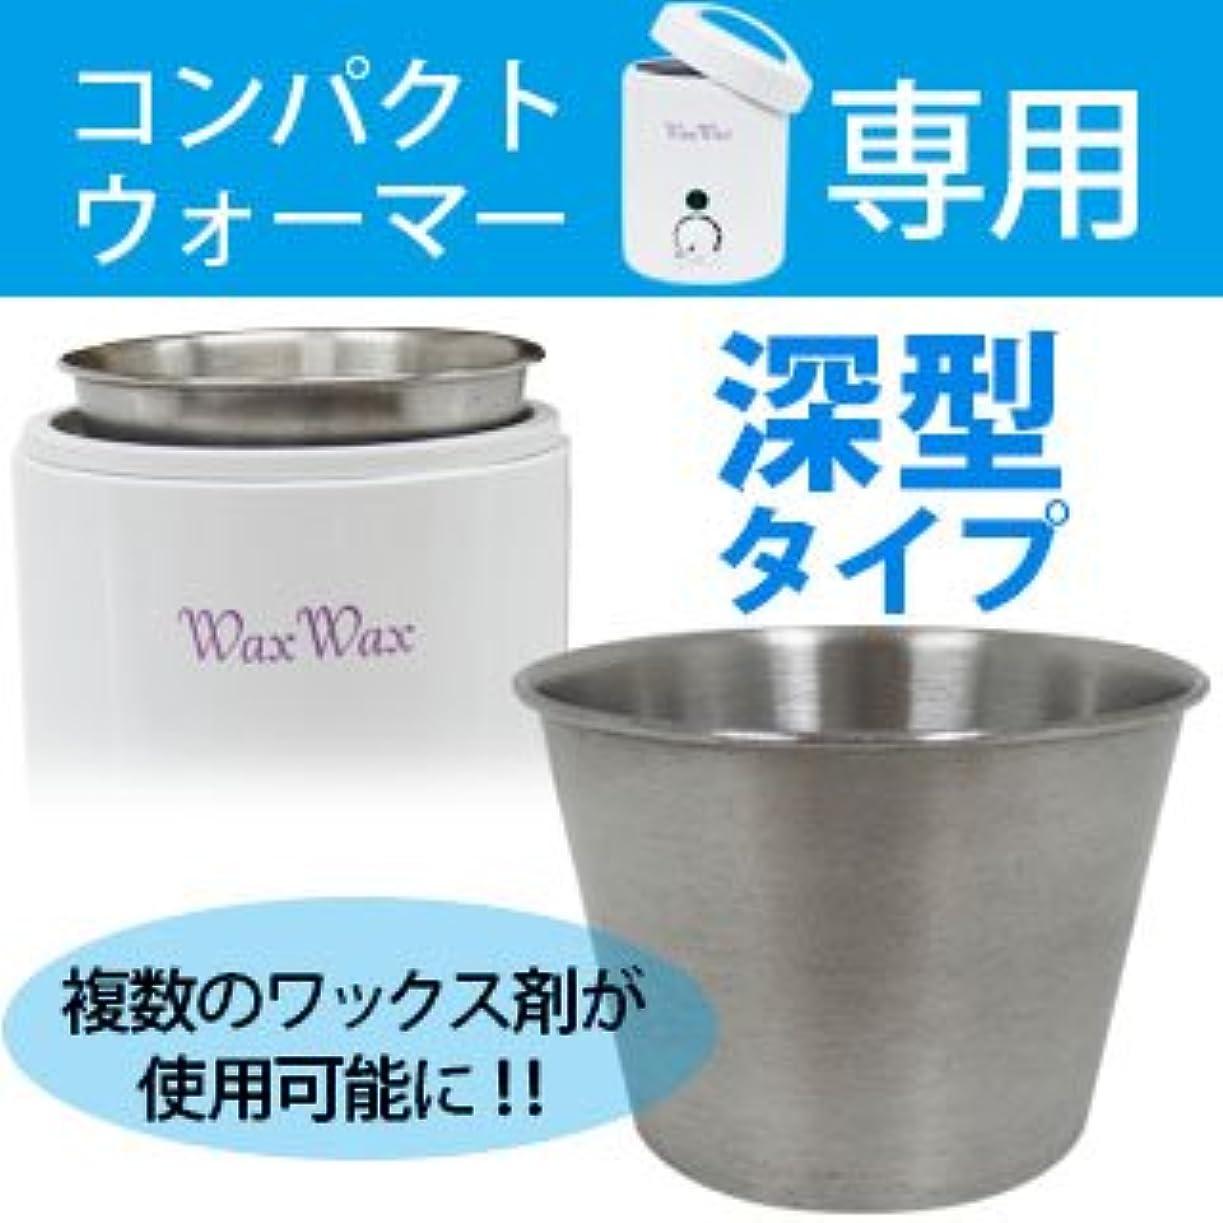 発送反射砂利【深型】コンパクトウォーマー専用 ハードワックス缶 空き缶 ナベ 鍋 ハード専用